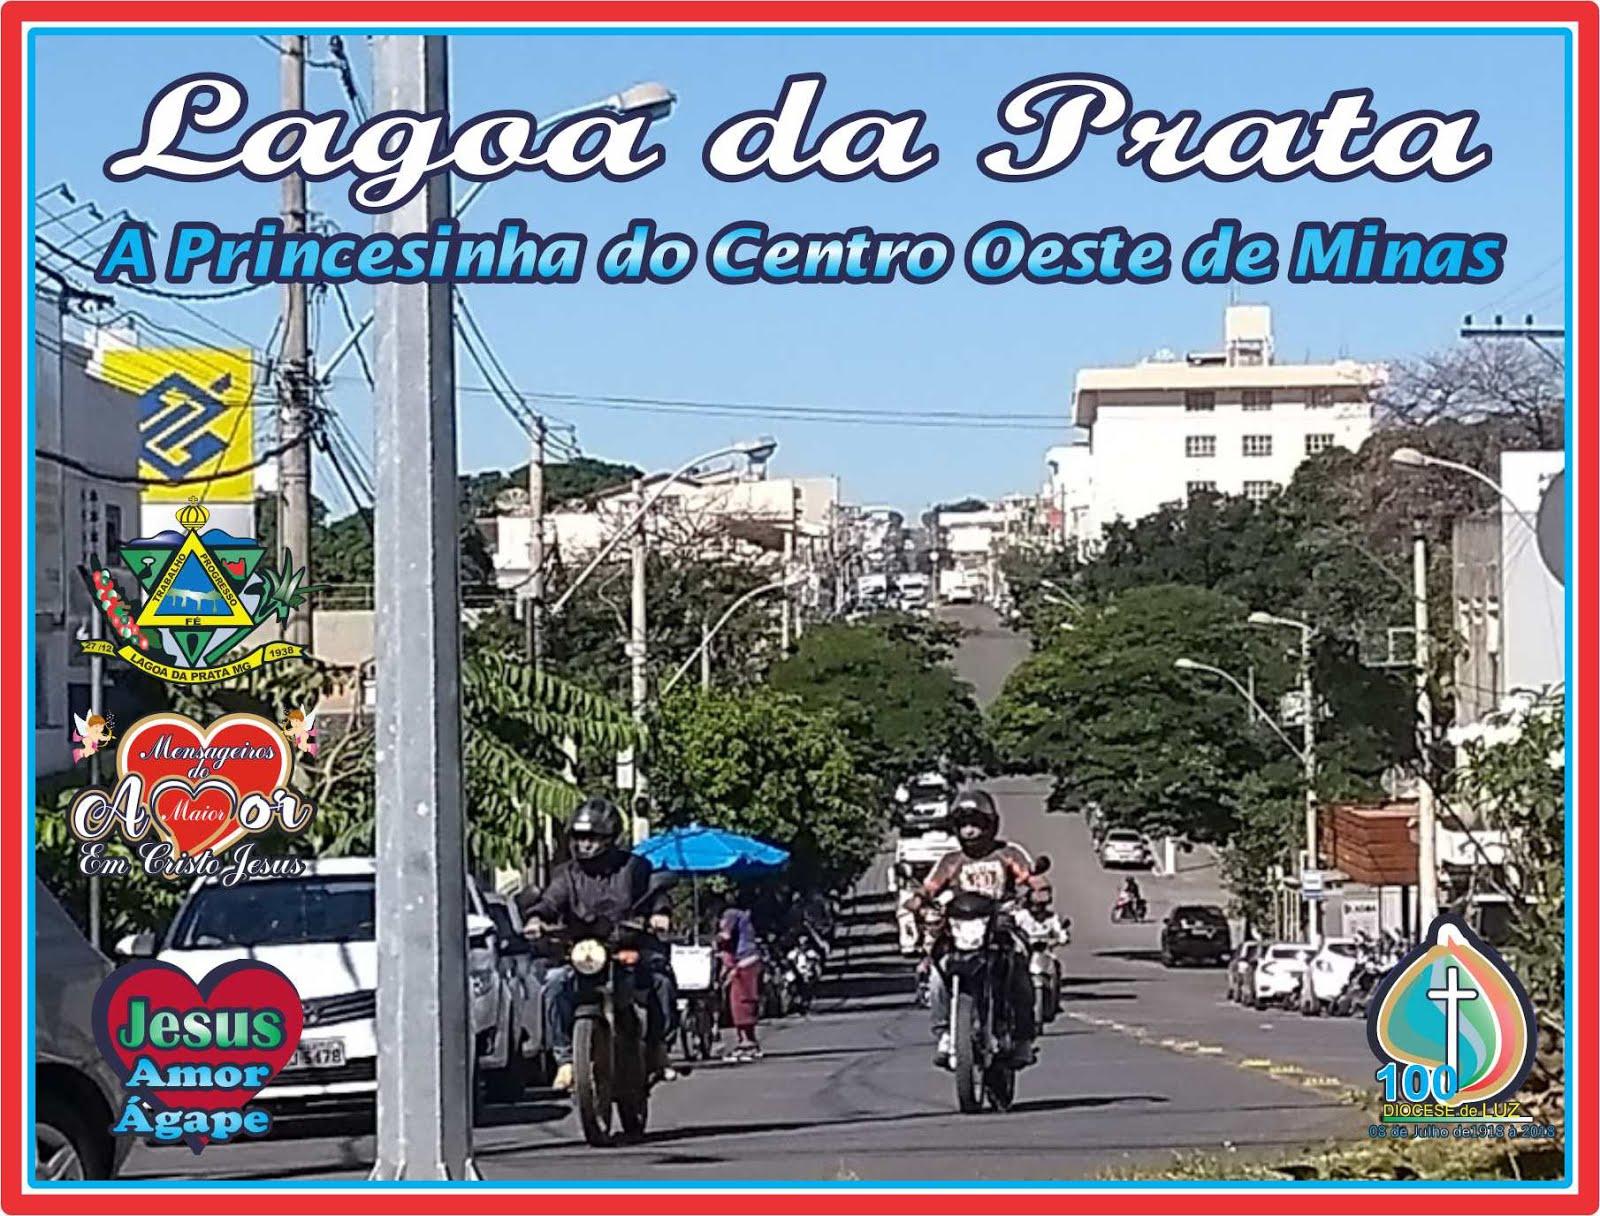 80 Anos de Lagoa da Prata A Princesinha do Centro Oeste de Minas Gerais